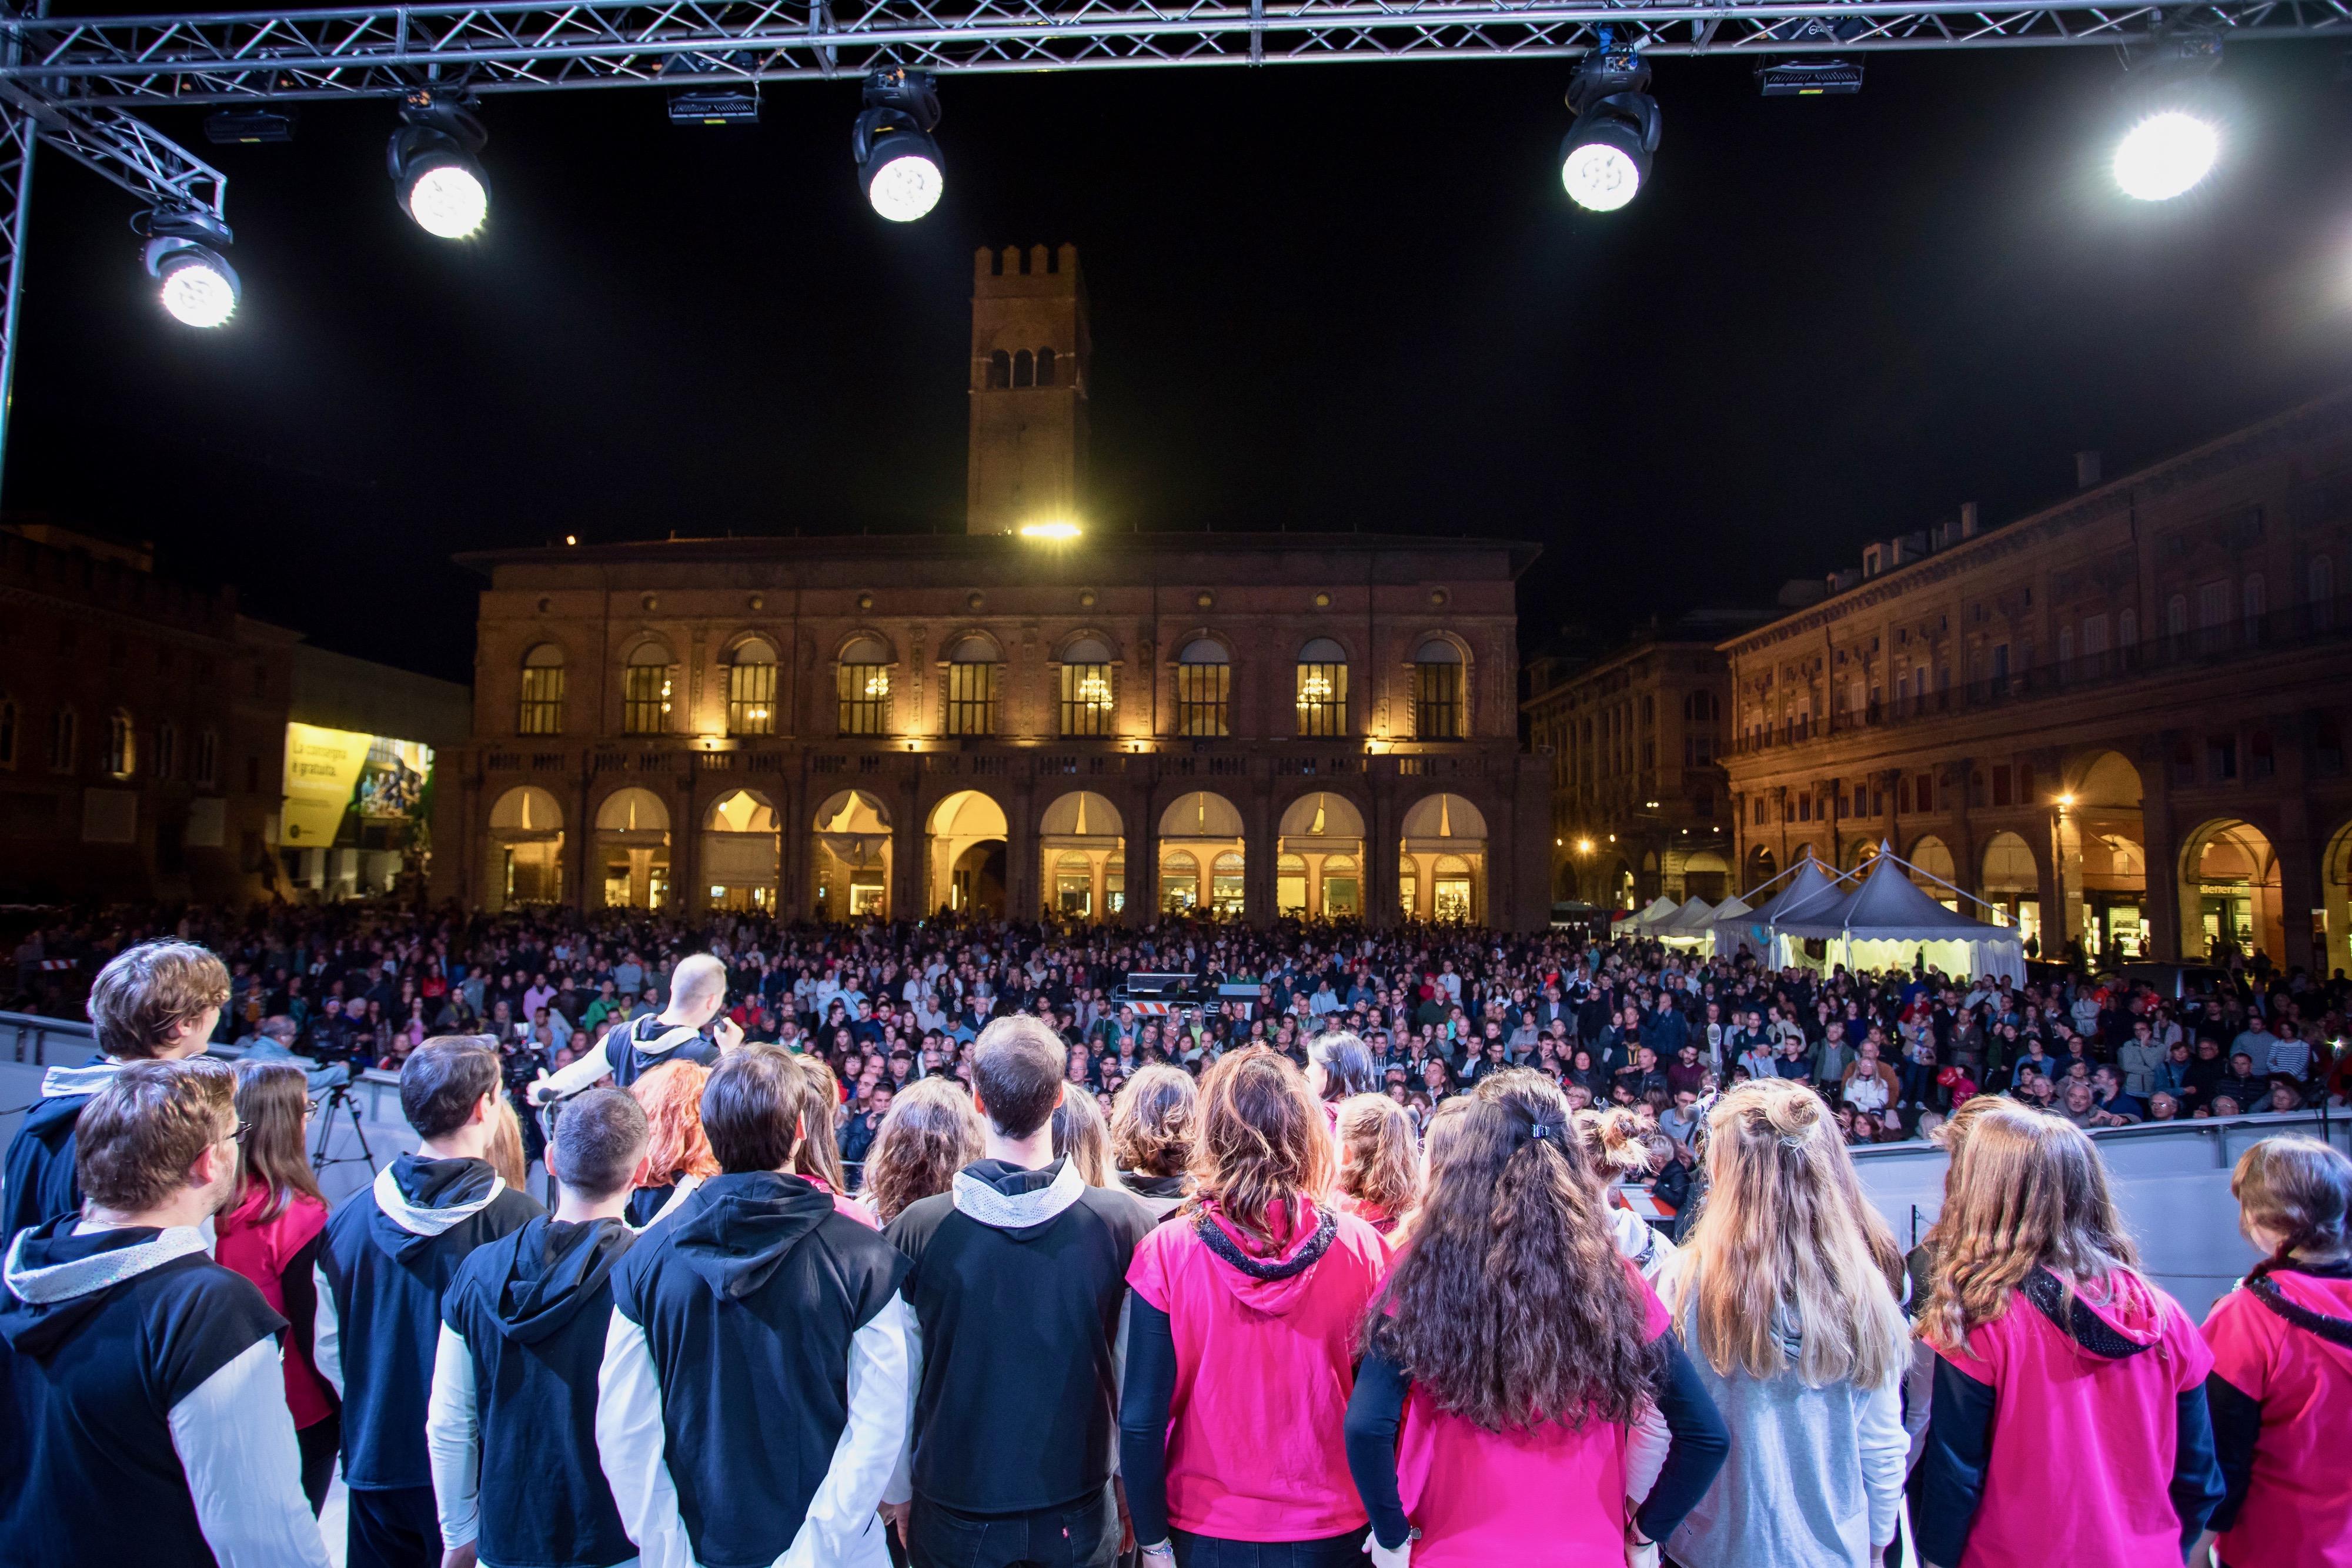 Spettacolo musicale del coro Le Verdi Note dell'Antoniano in Piazza Maggiore, Bologna